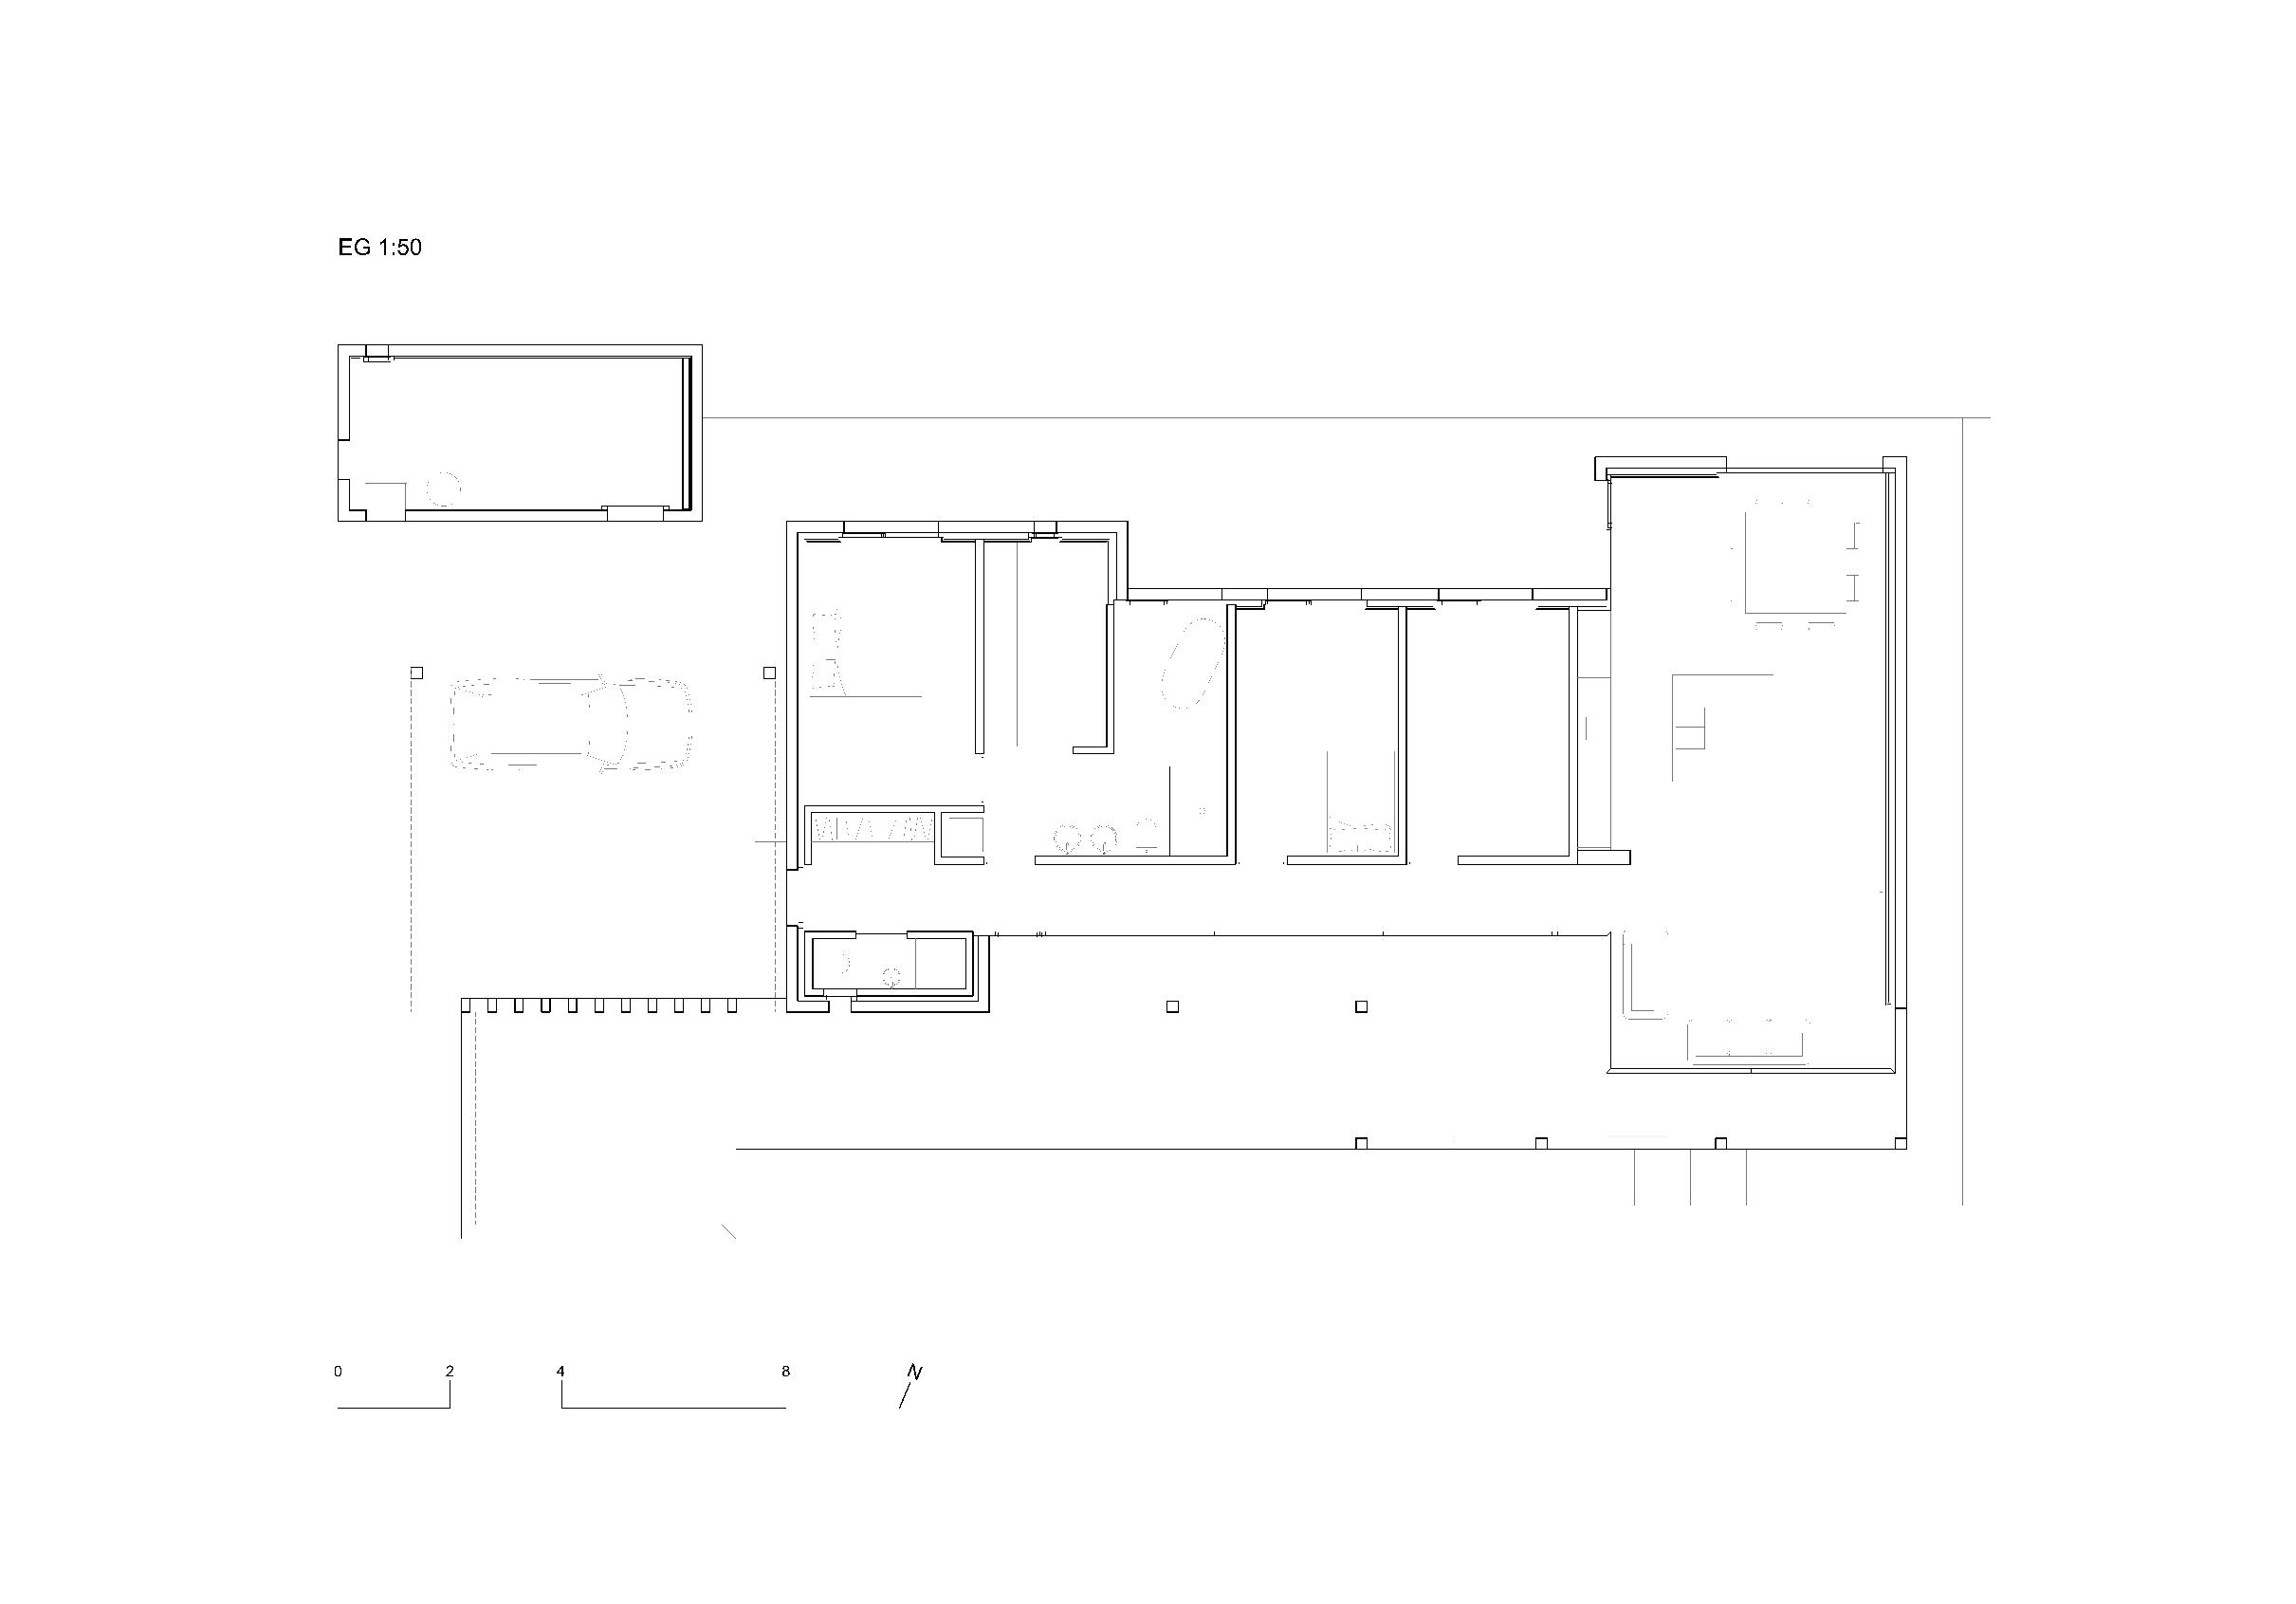 Grundriss 1:50 Ersatzneubau - Bungalow Mediterrano von Studio Baumann